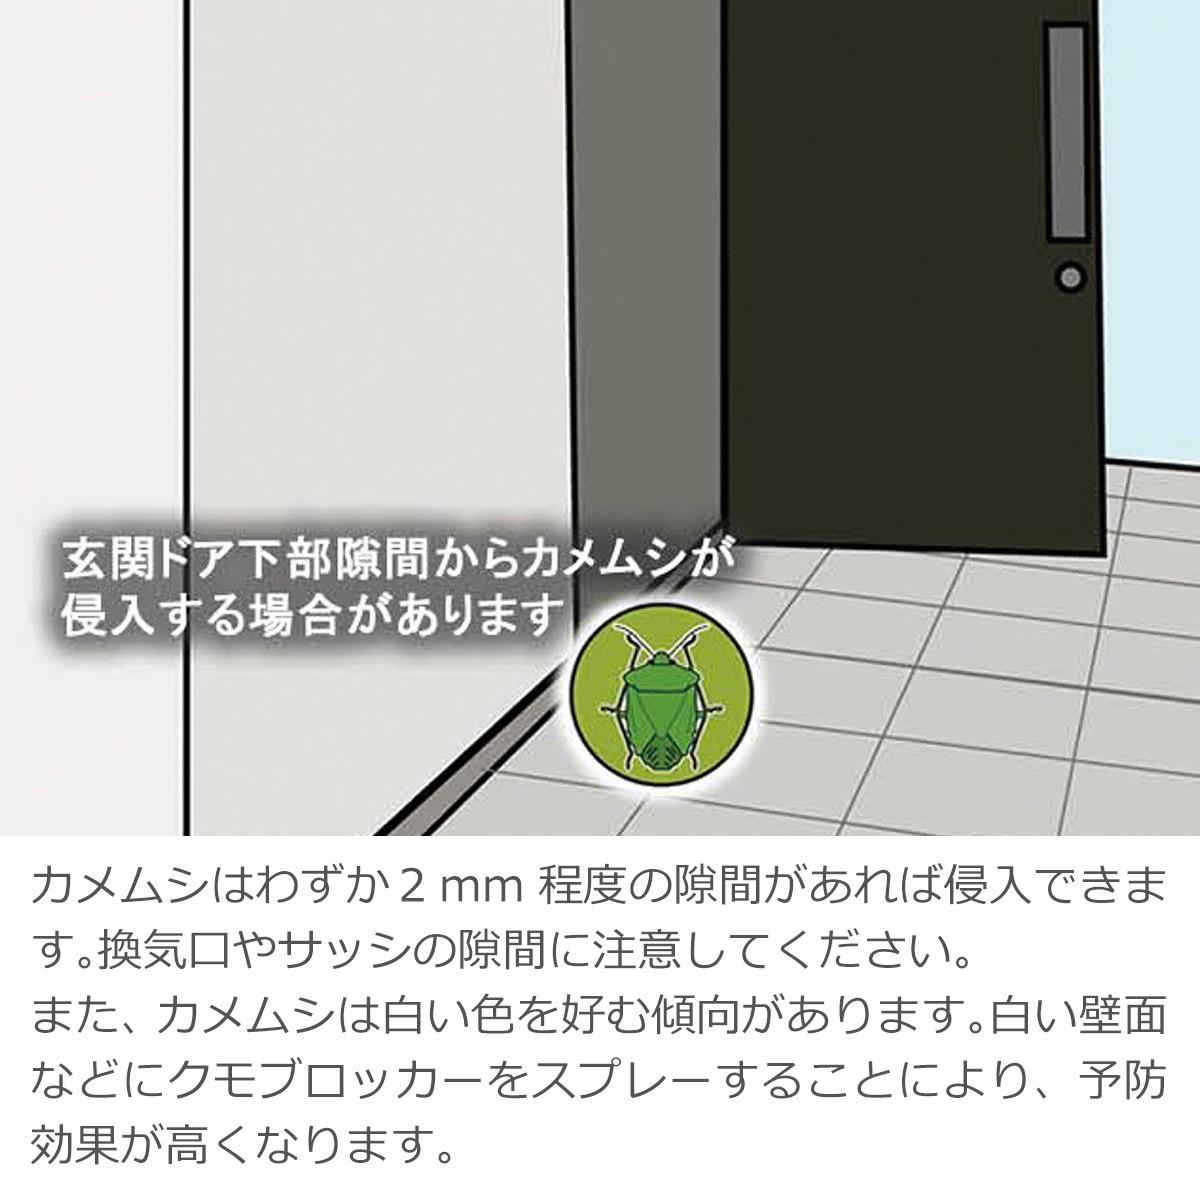 玄関ドア下部隙間からカメムシが侵入する場合があります。カメムシはわずか2mm程度の隙間があれば侵入できます。換気口やサッシの隙間に注意してください。また、カメムシは白い色を好む傾向があります。白い壁面などにクモブロッカーをスプレーすることにより、予防効果が高くなります。